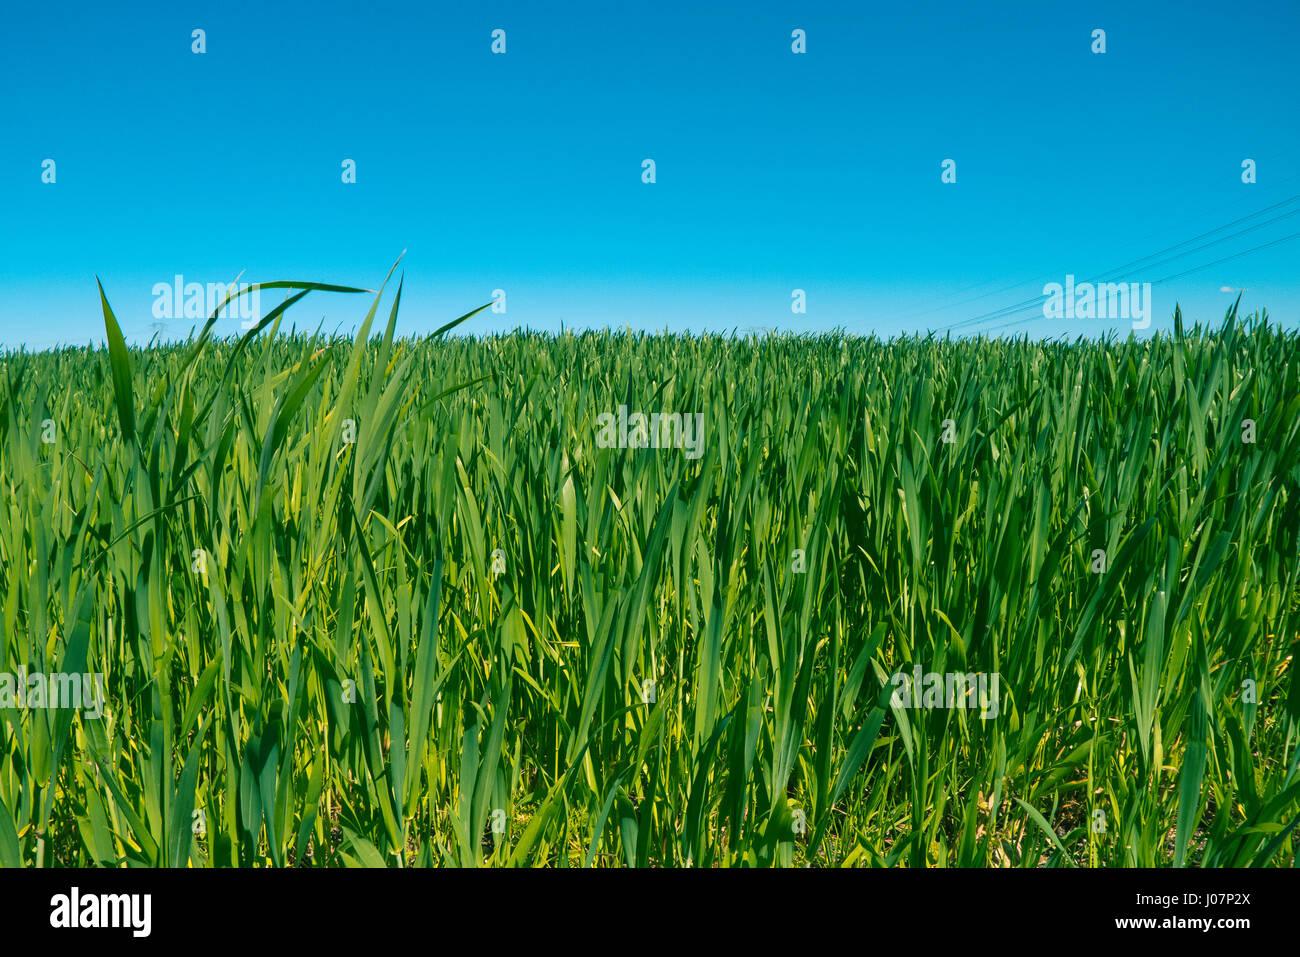 Getreidepflanzen in Süd Italien wachsen. Stockbild